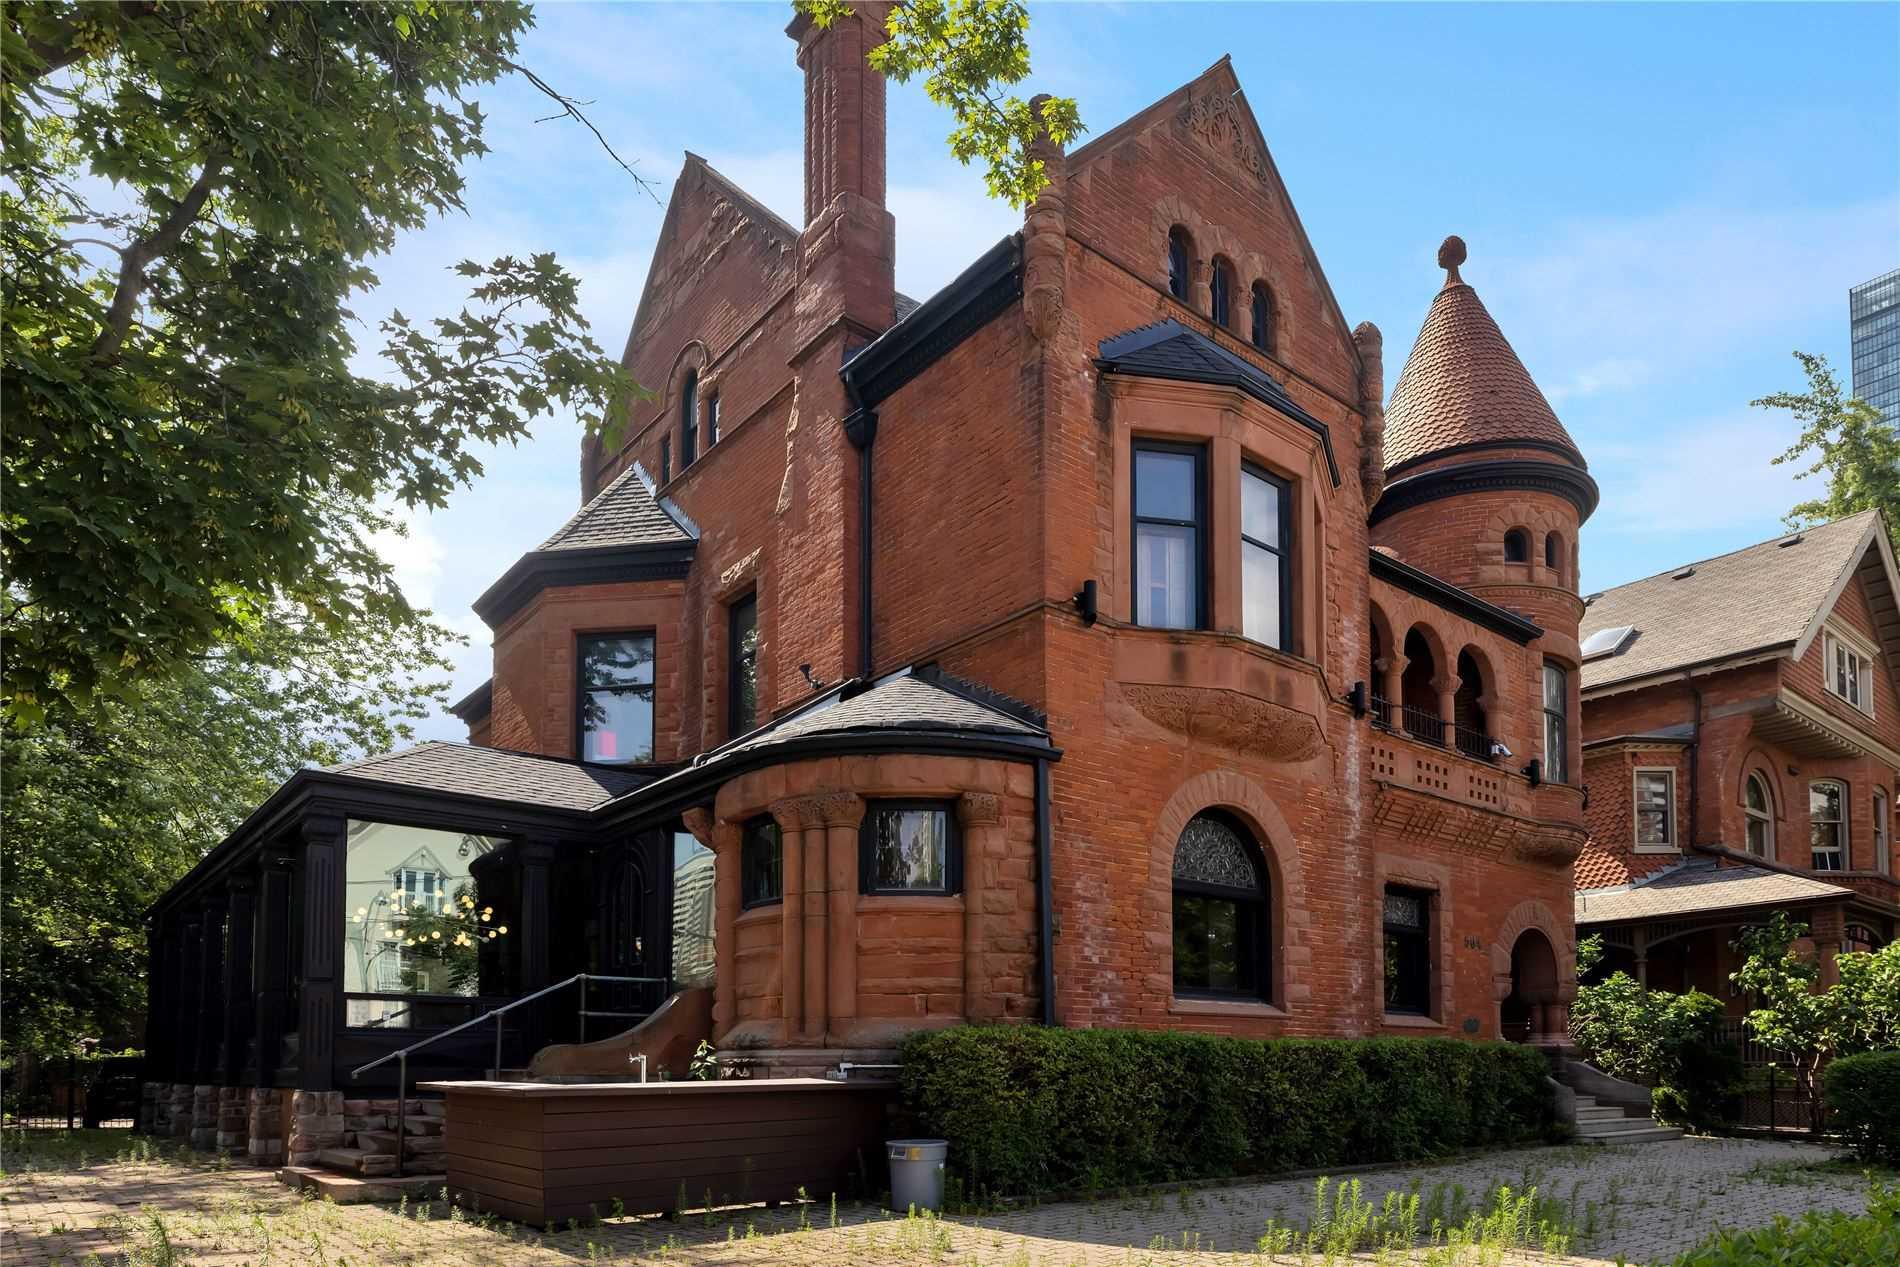 504 Jarvis St, Toronto, Ontario M4Y2H6, 6 Bedrooms Bedrooms, 25 Rooms Rooms,8 BathroomsBathrooms,Detached,For Sale,Jarvis,C5313987